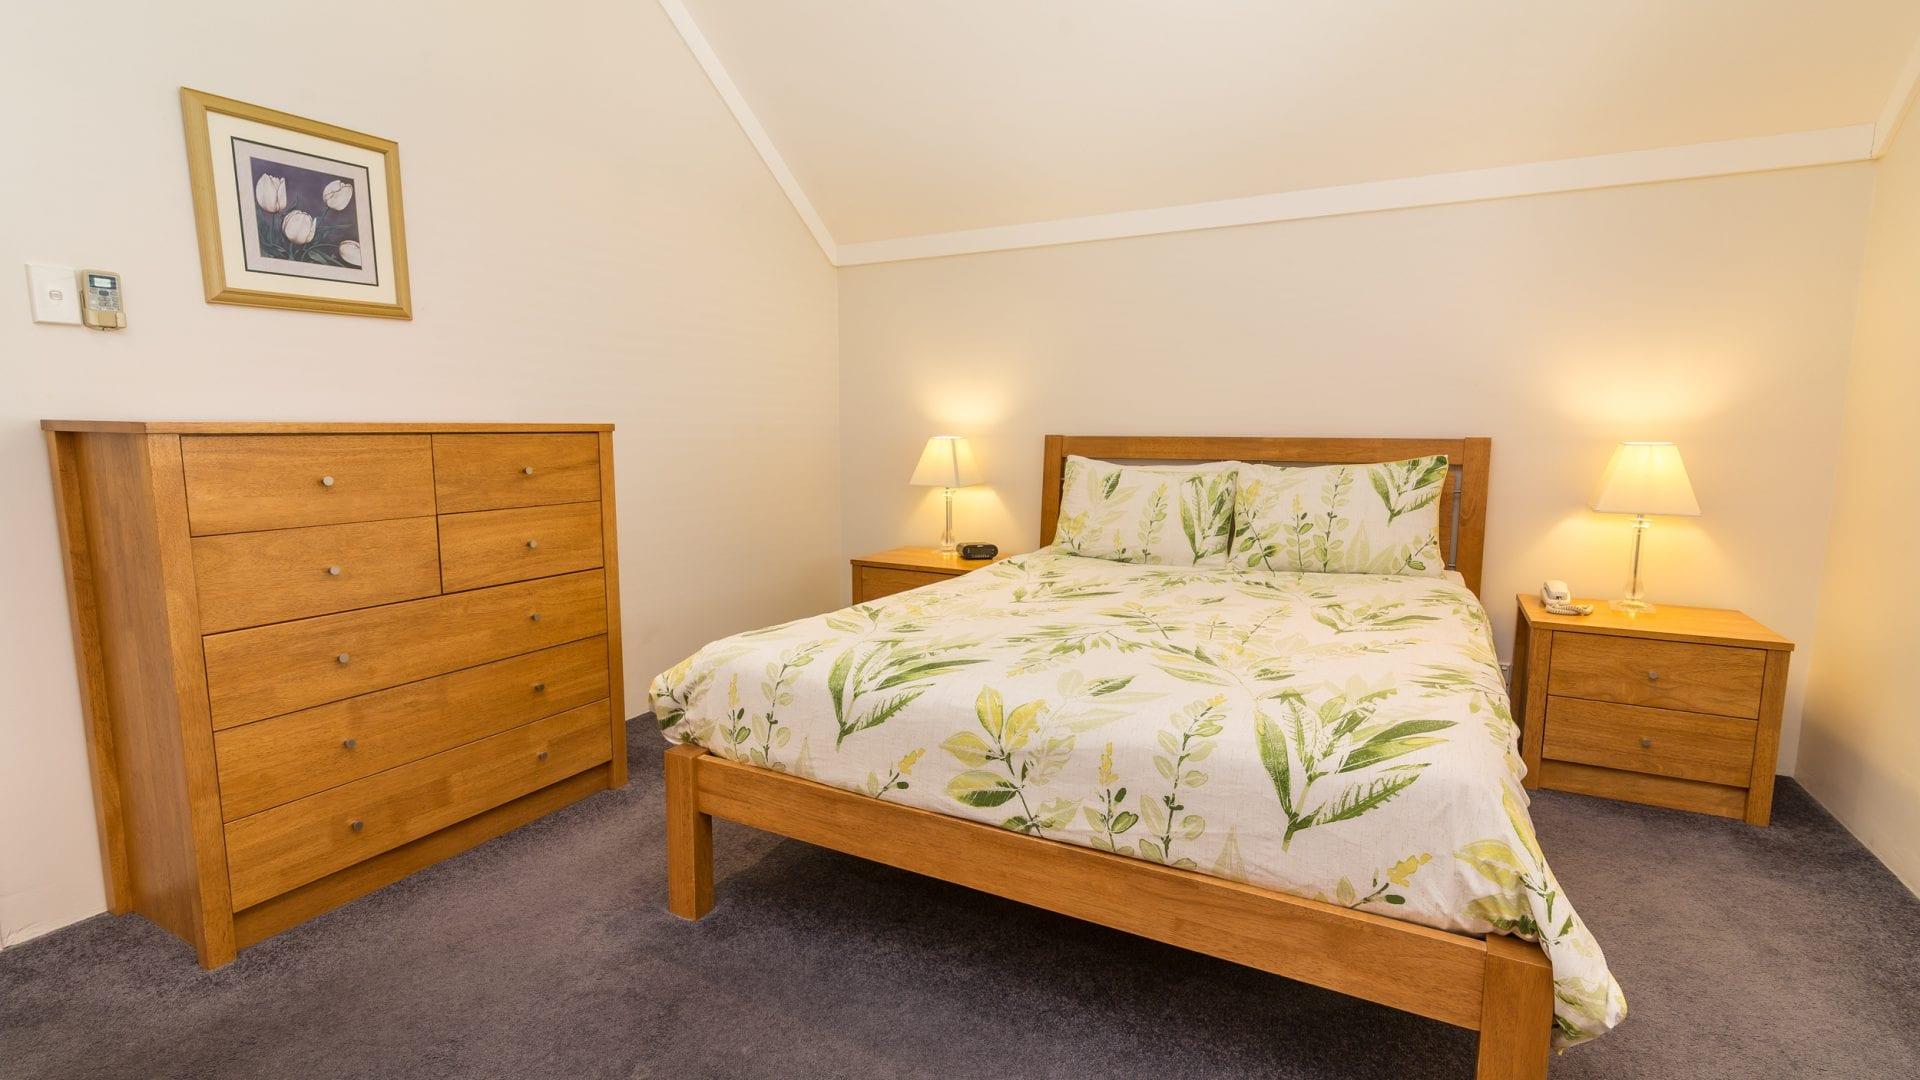 main-bedroom-1-1920x1080